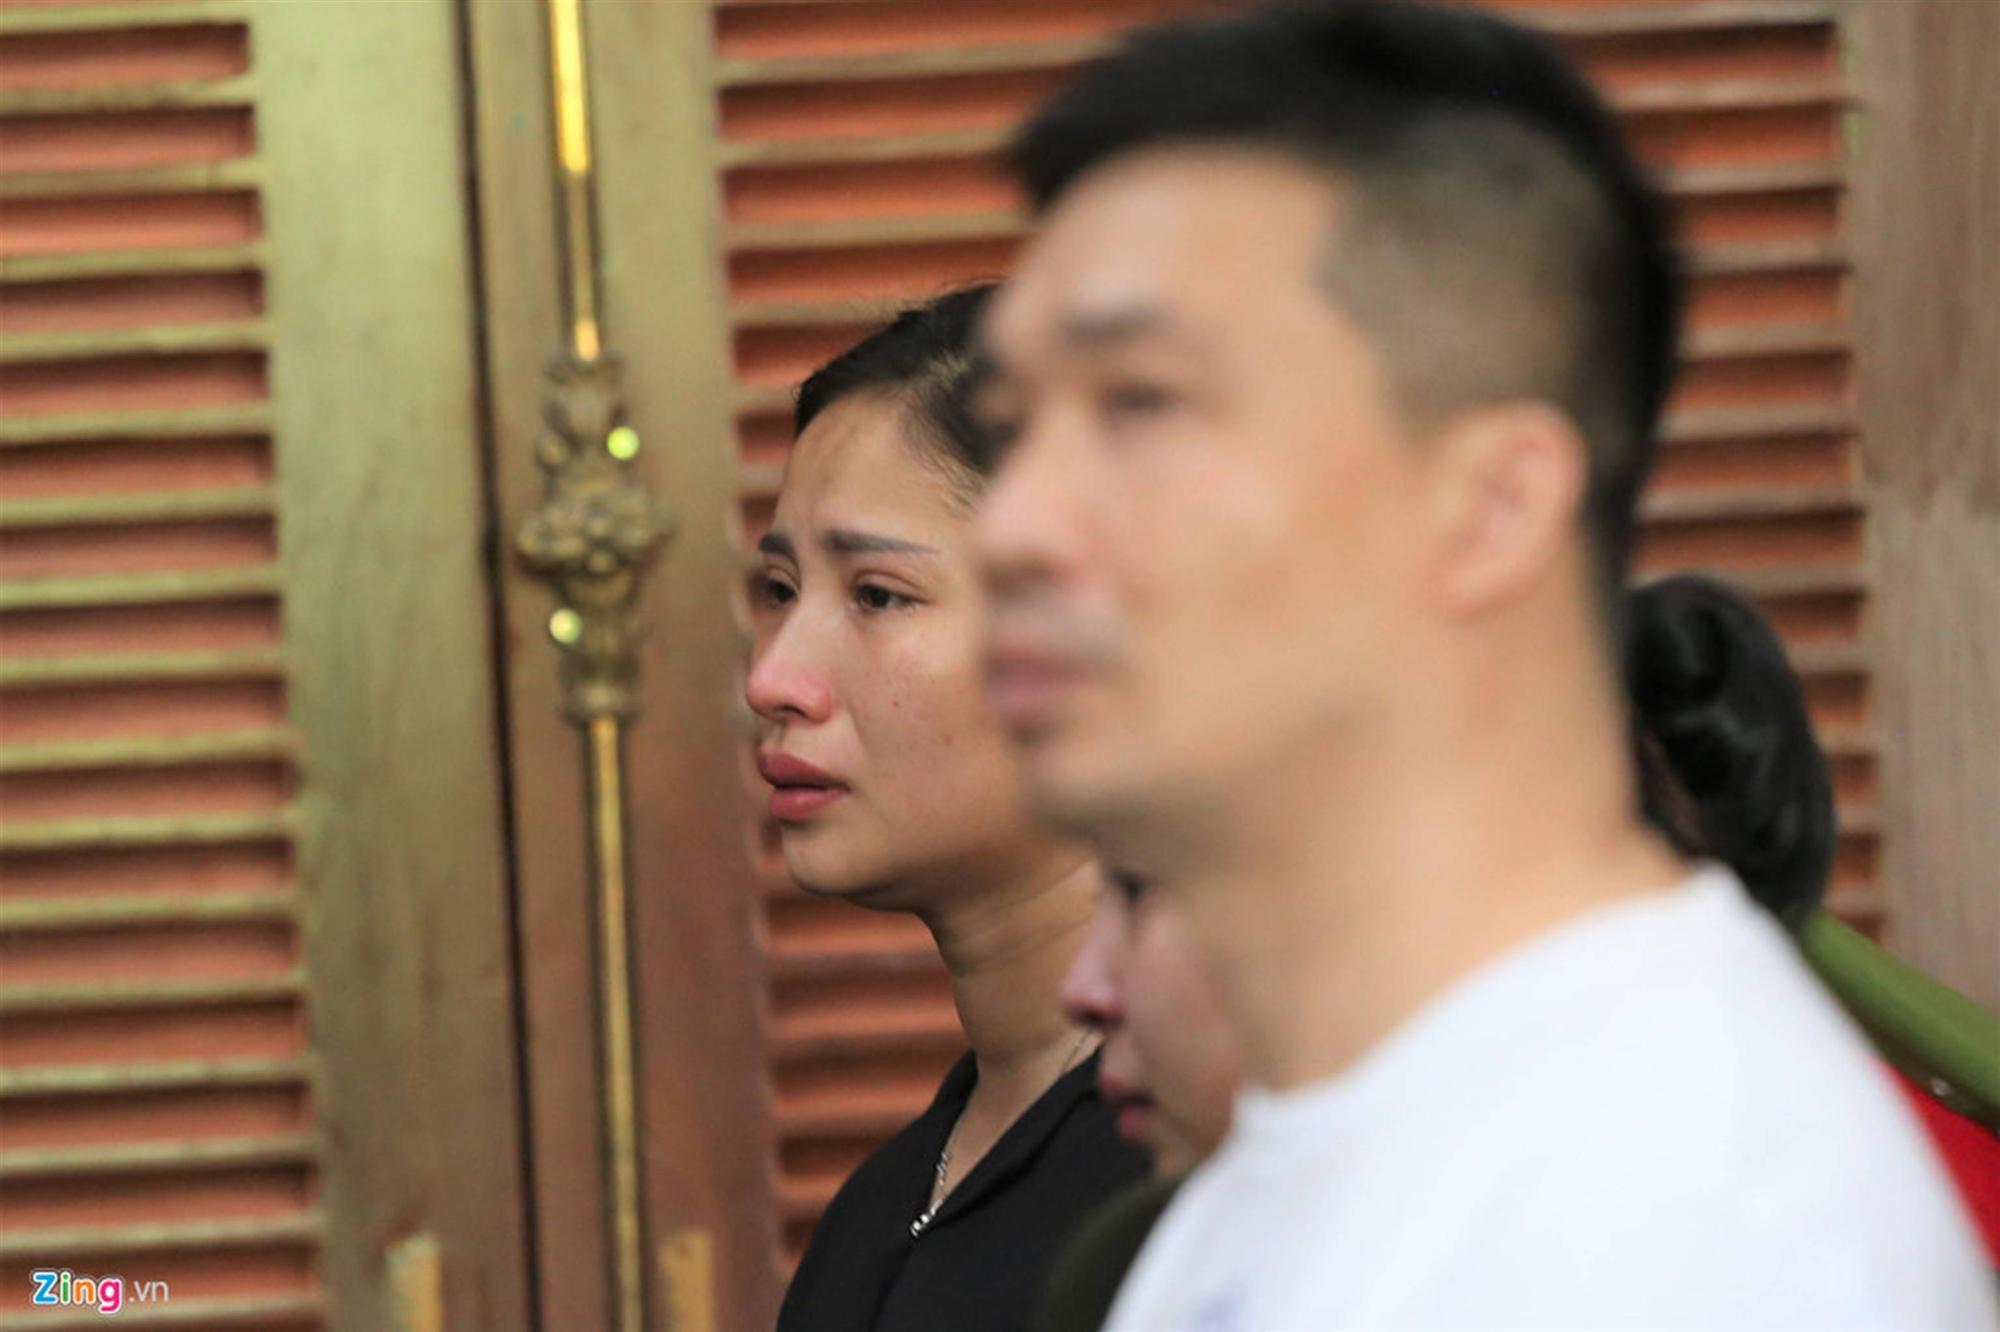 Cảm xúc trái chiều của Ngọc Miu và nhiều bị cáo khi VKS đề nghị án-8